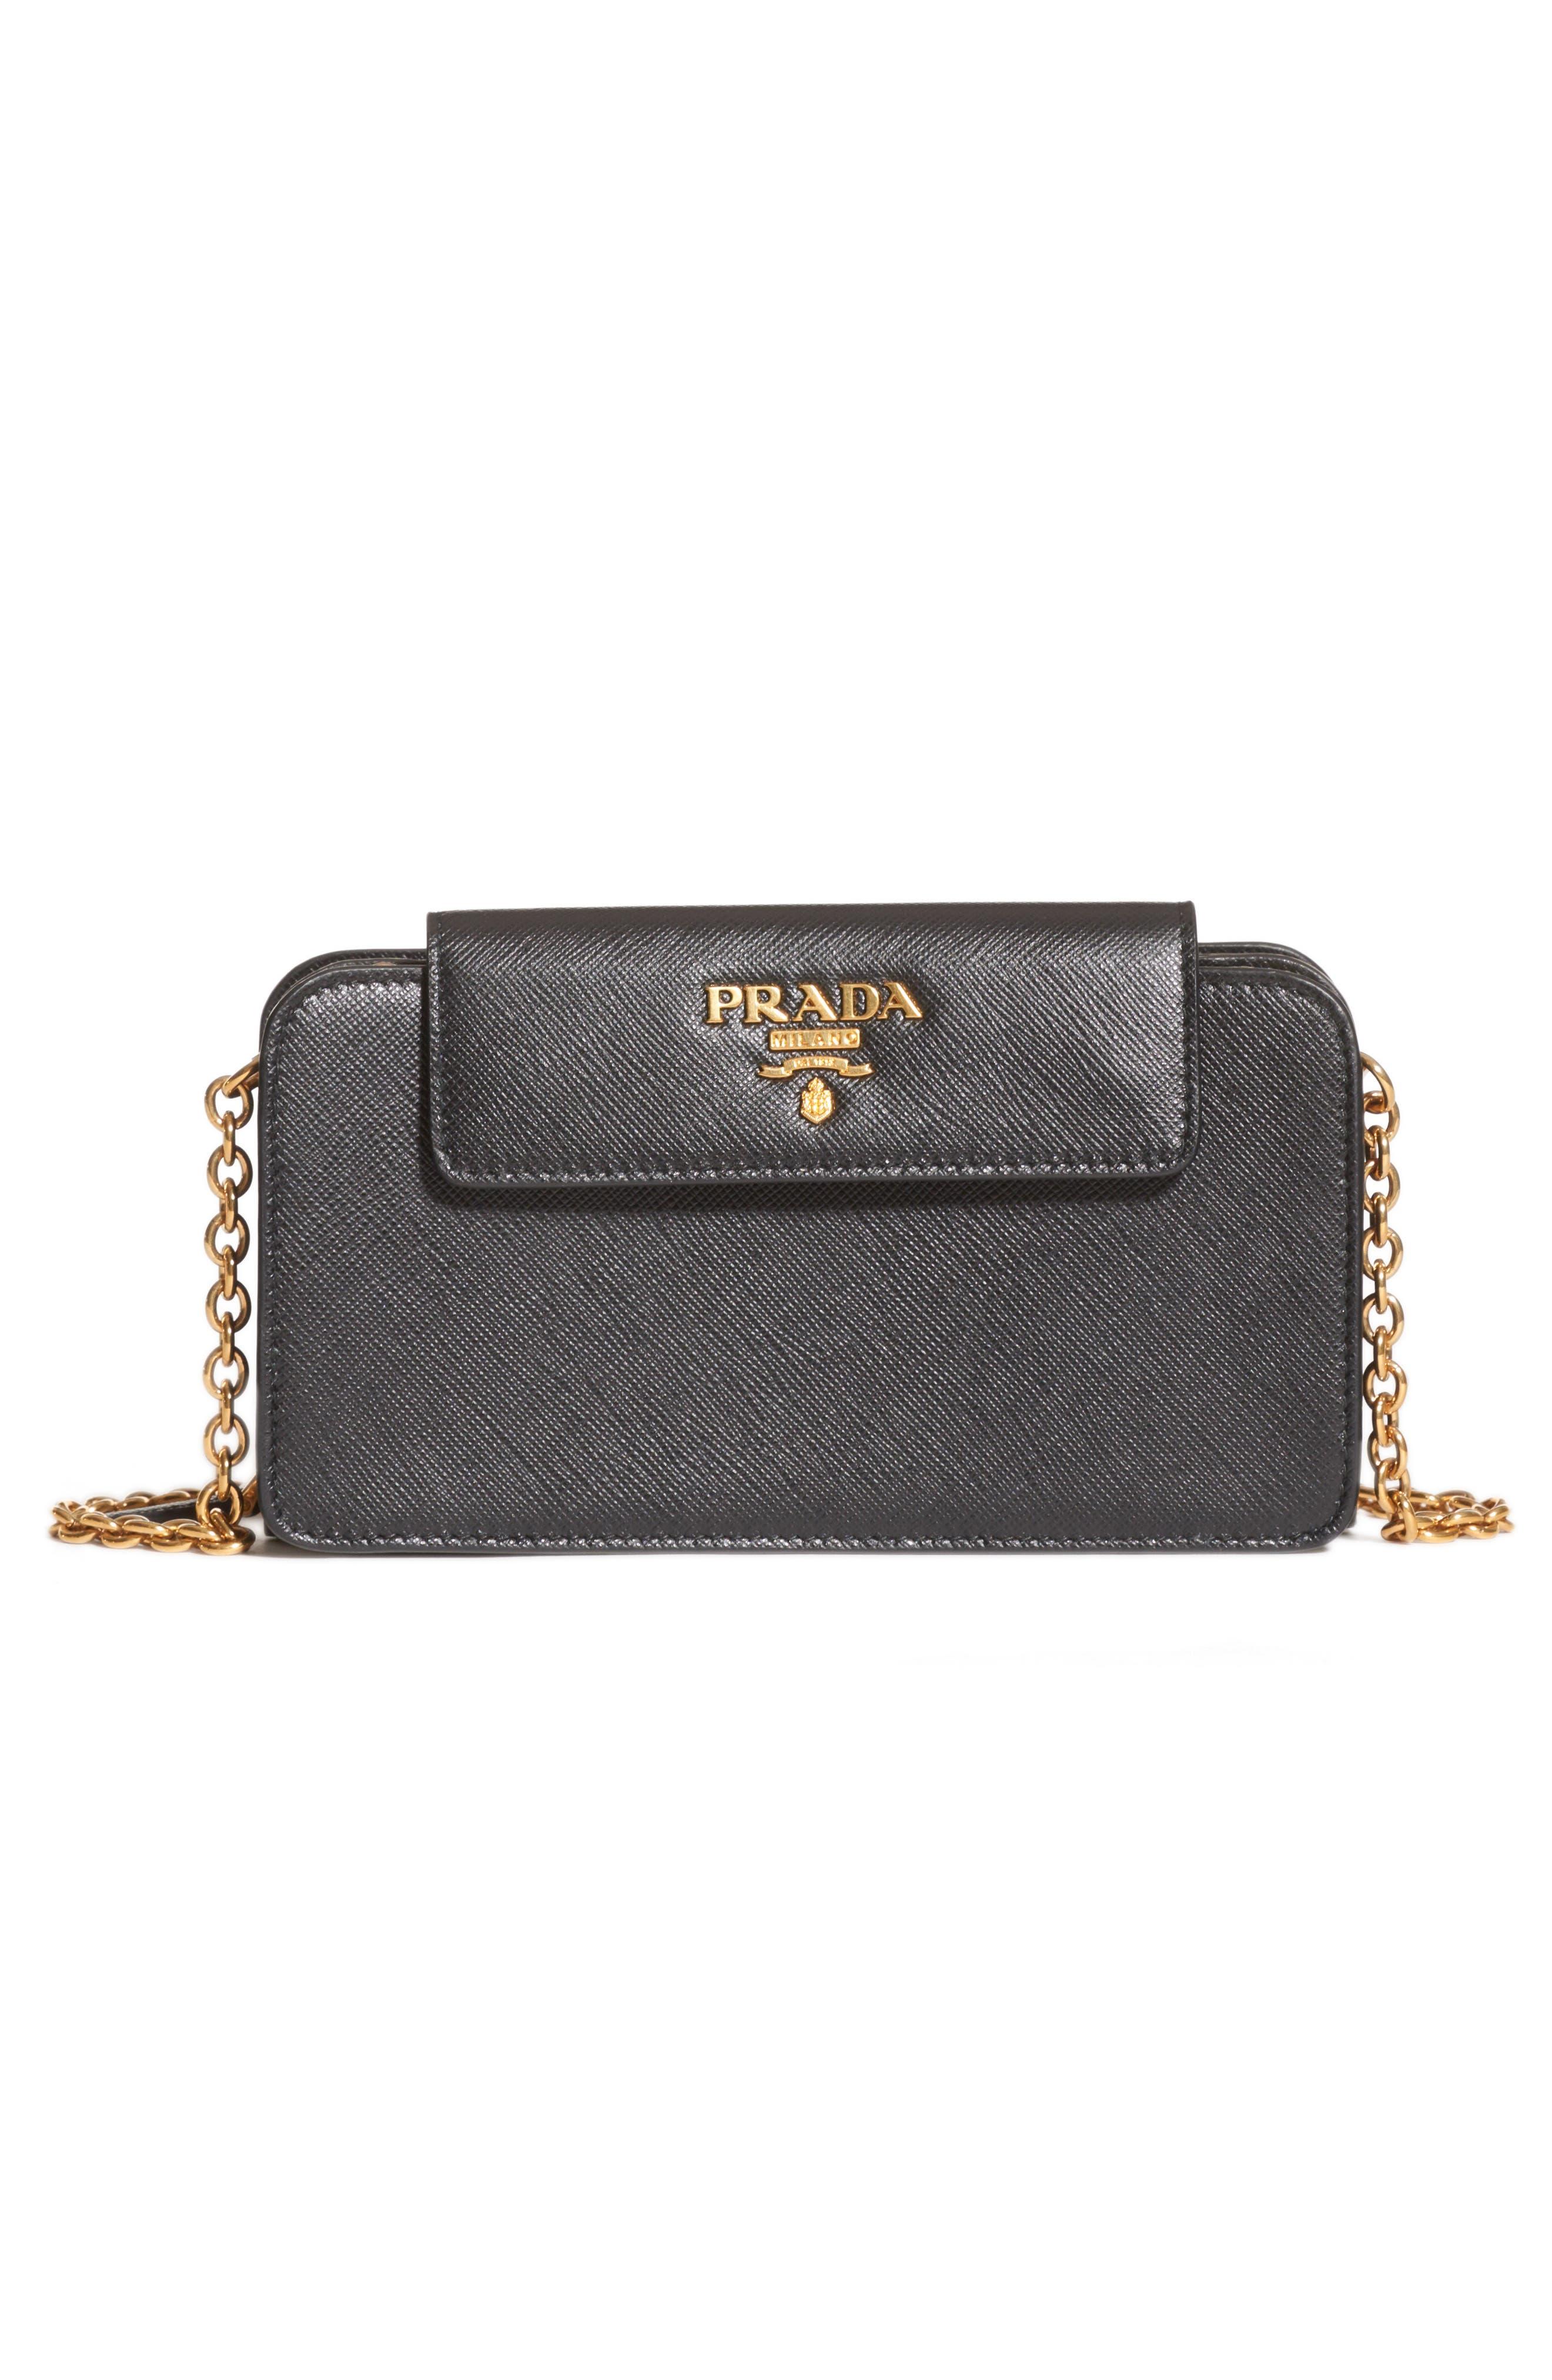 PRADA Saffiano Leather Wallet on a Chain, Main, color, NERO